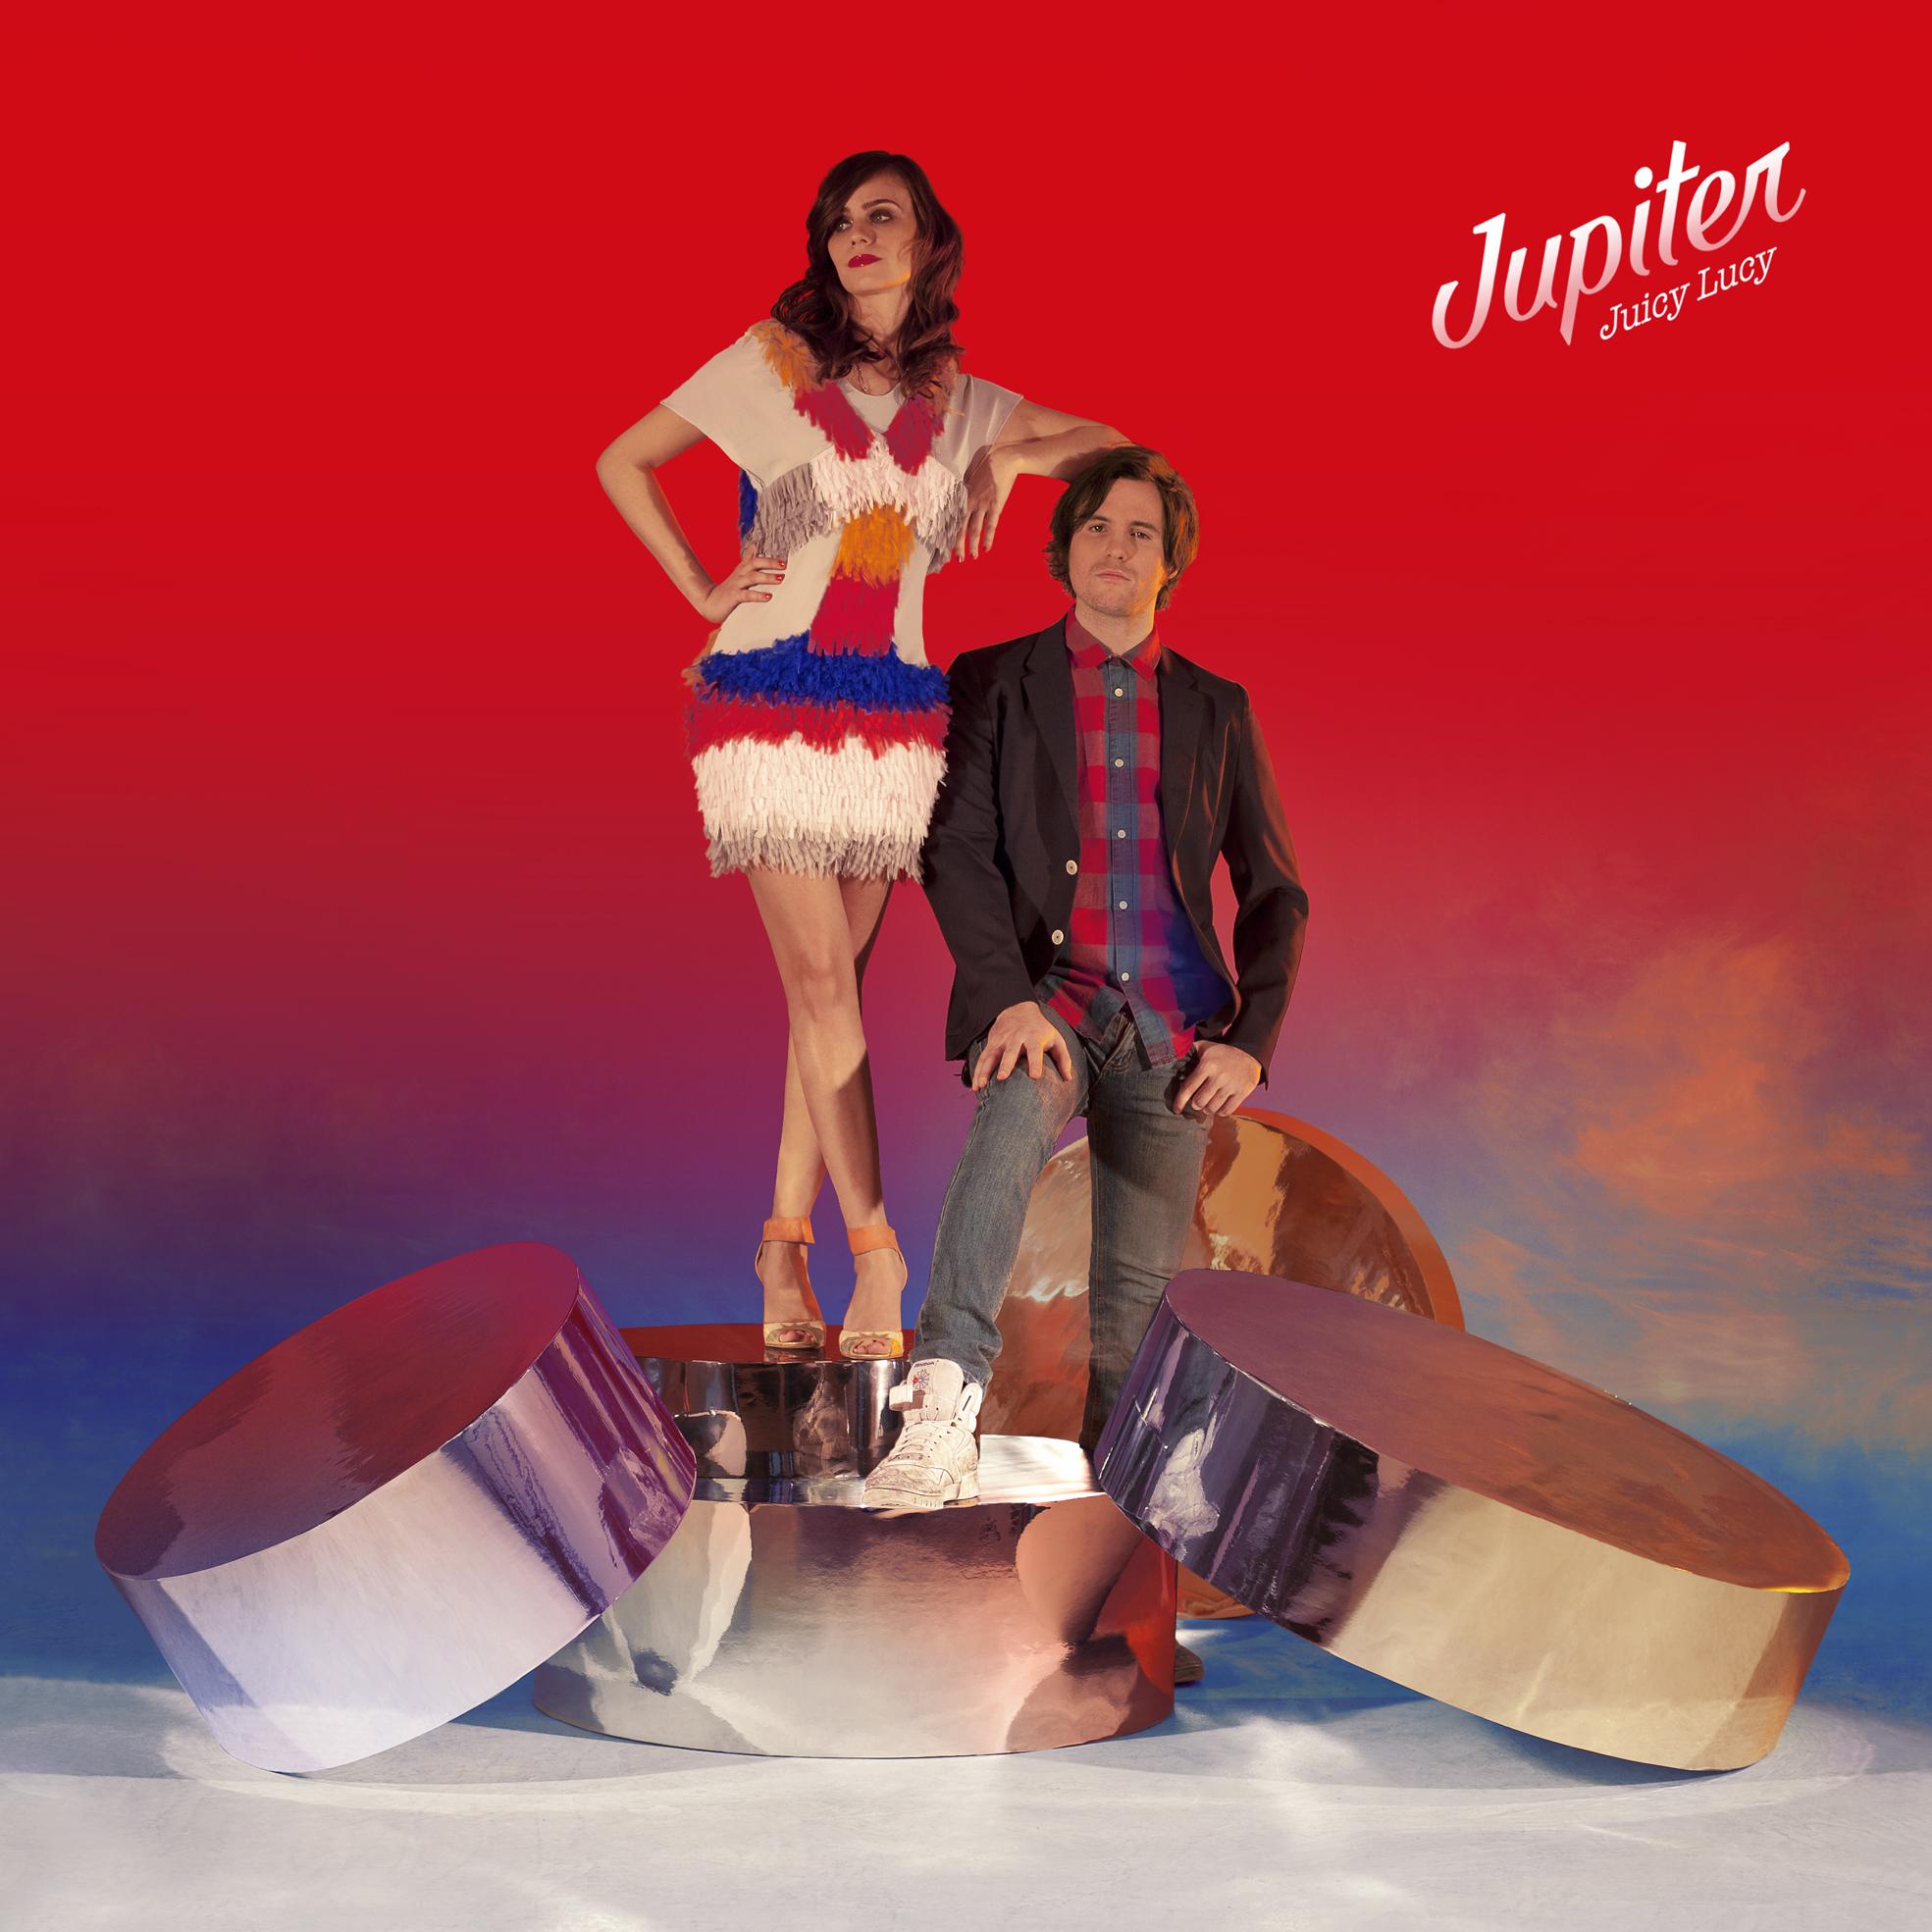 Juicy Lucy, le premier album de Jupiter